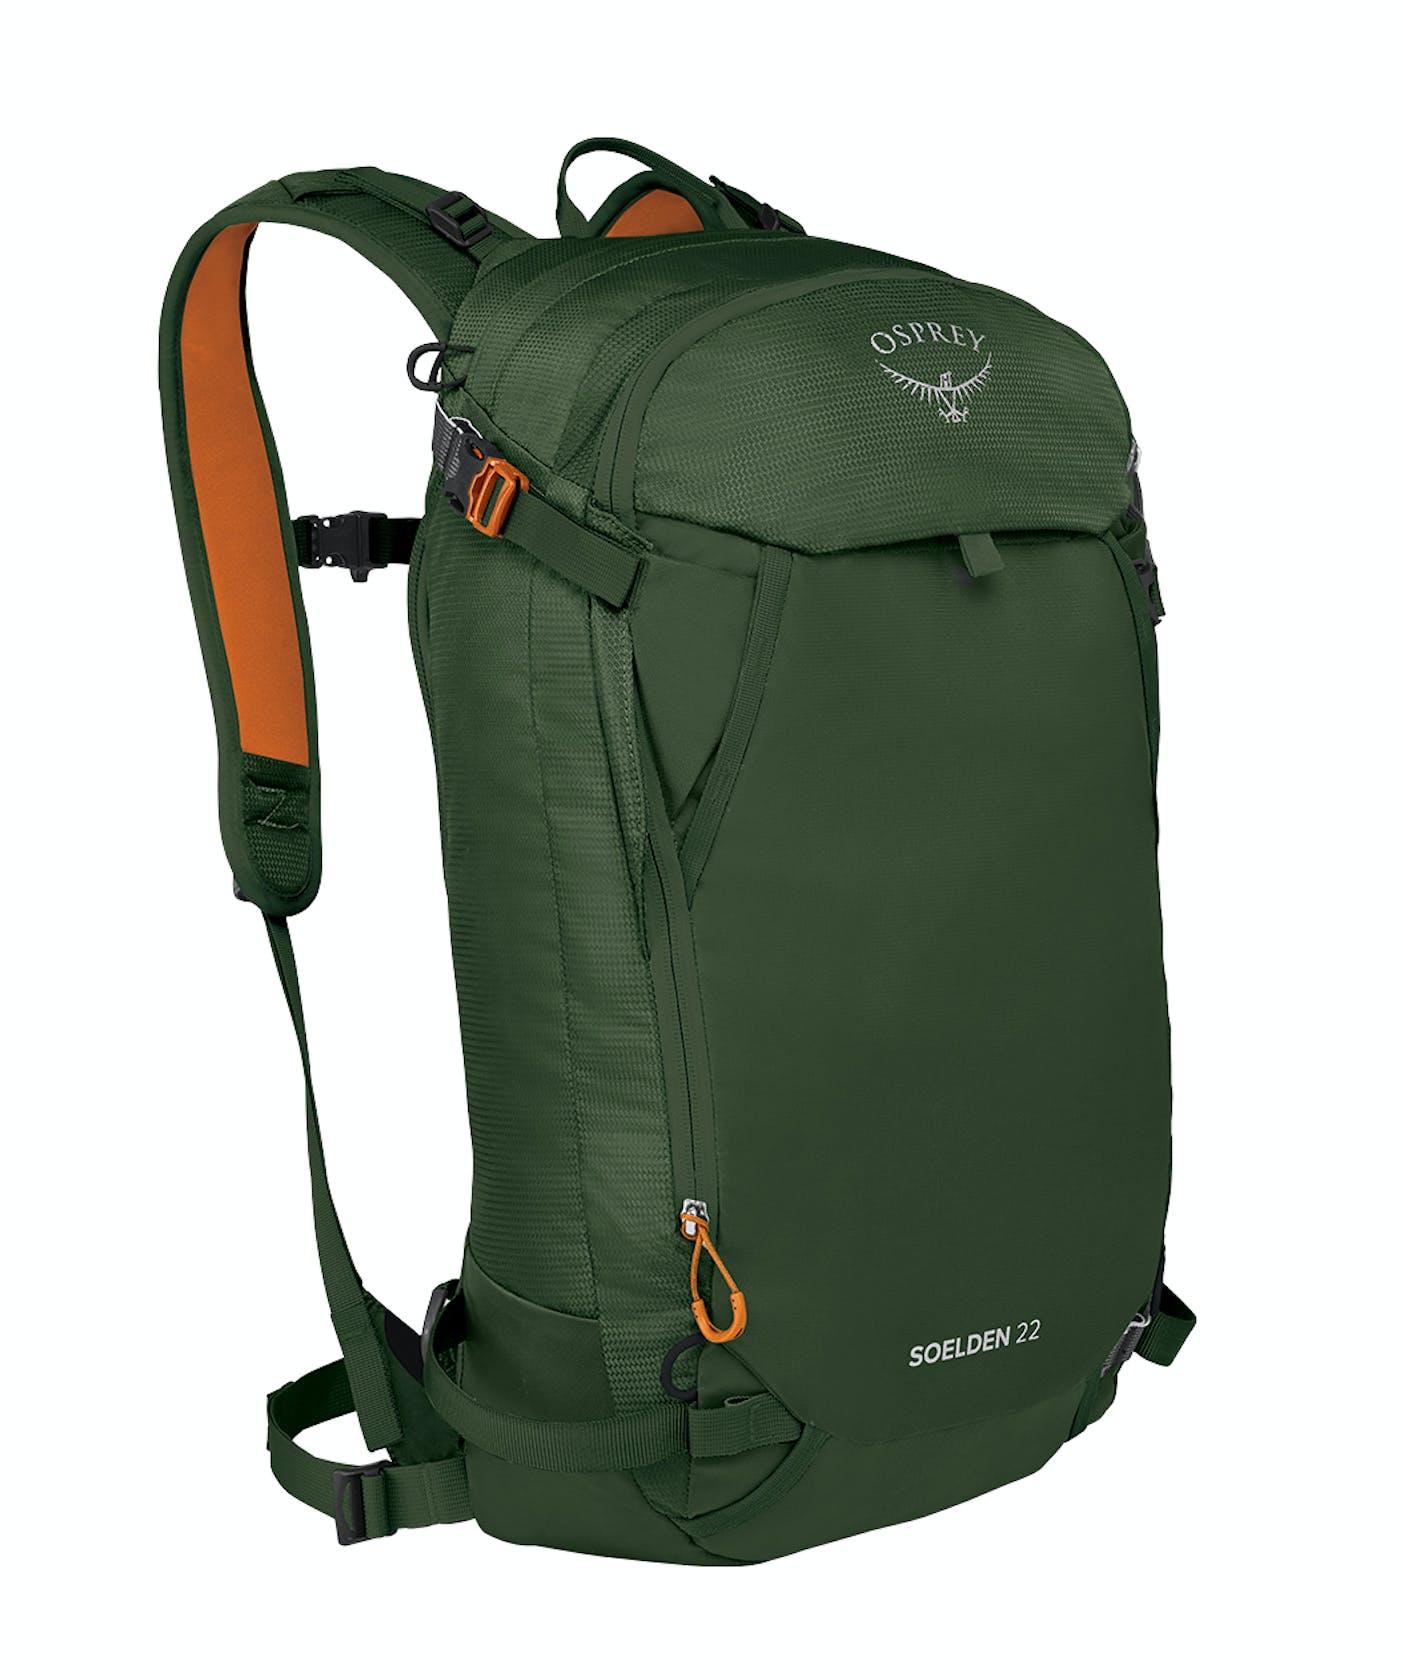 Osprey Soelden 22 - Touren/Freeriderucksack